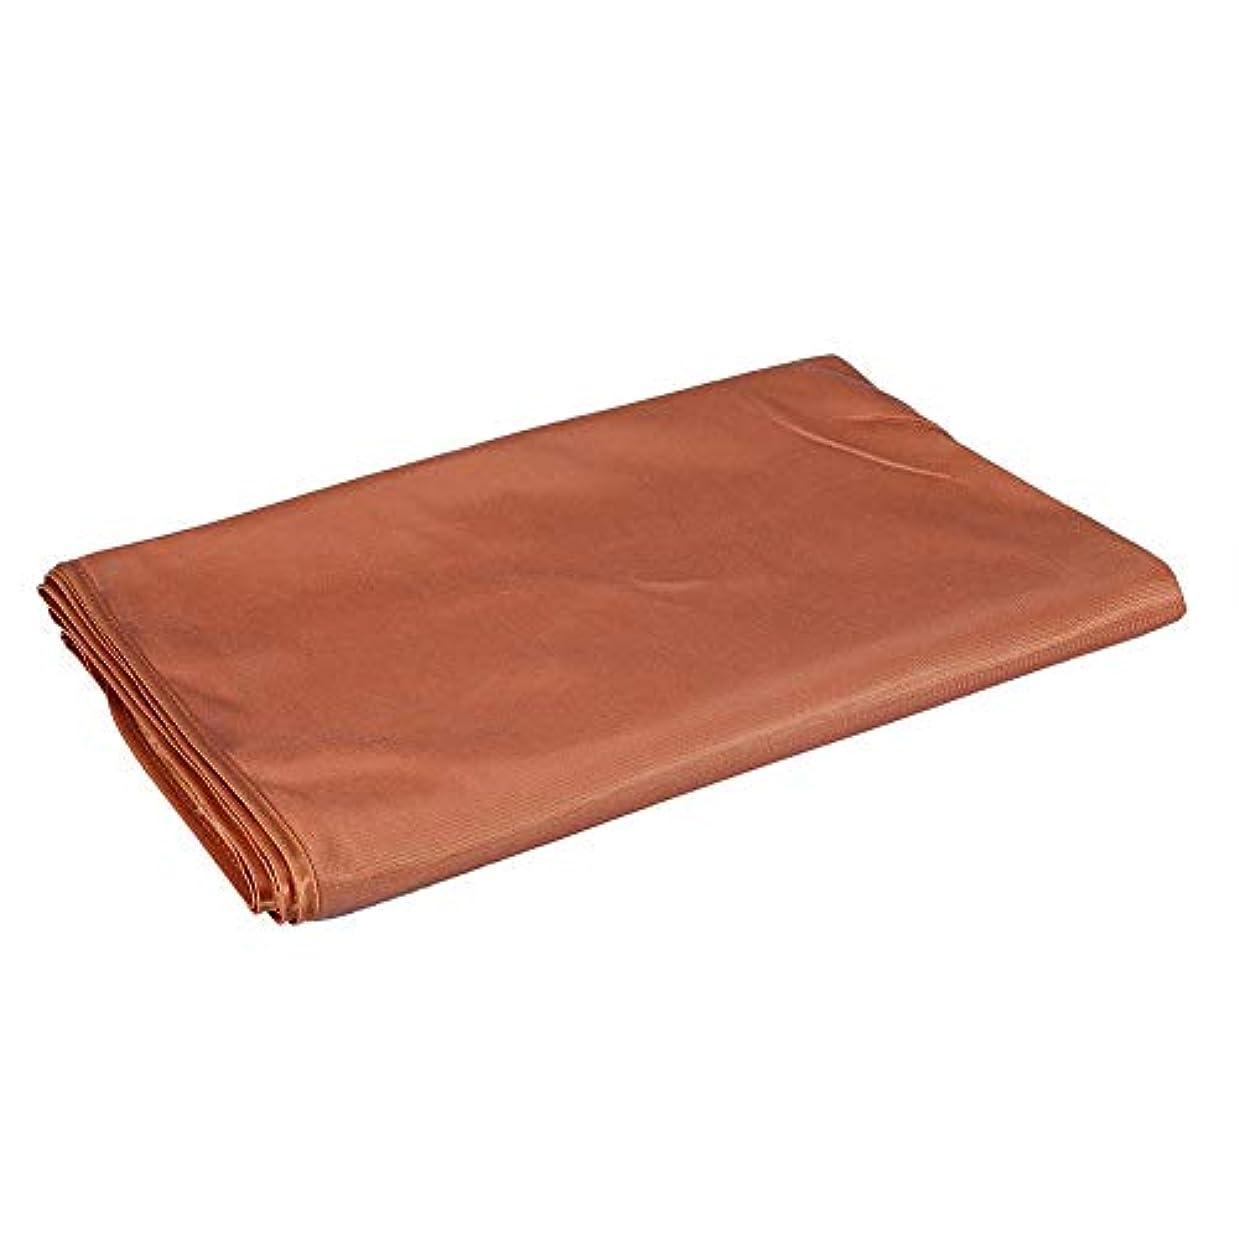 愛する満足させる打倒美のマッサージのベッドカバー、表面呼吸穴が付いている柔らかいシートの鉱泉(120 x 200cm-キャメル)